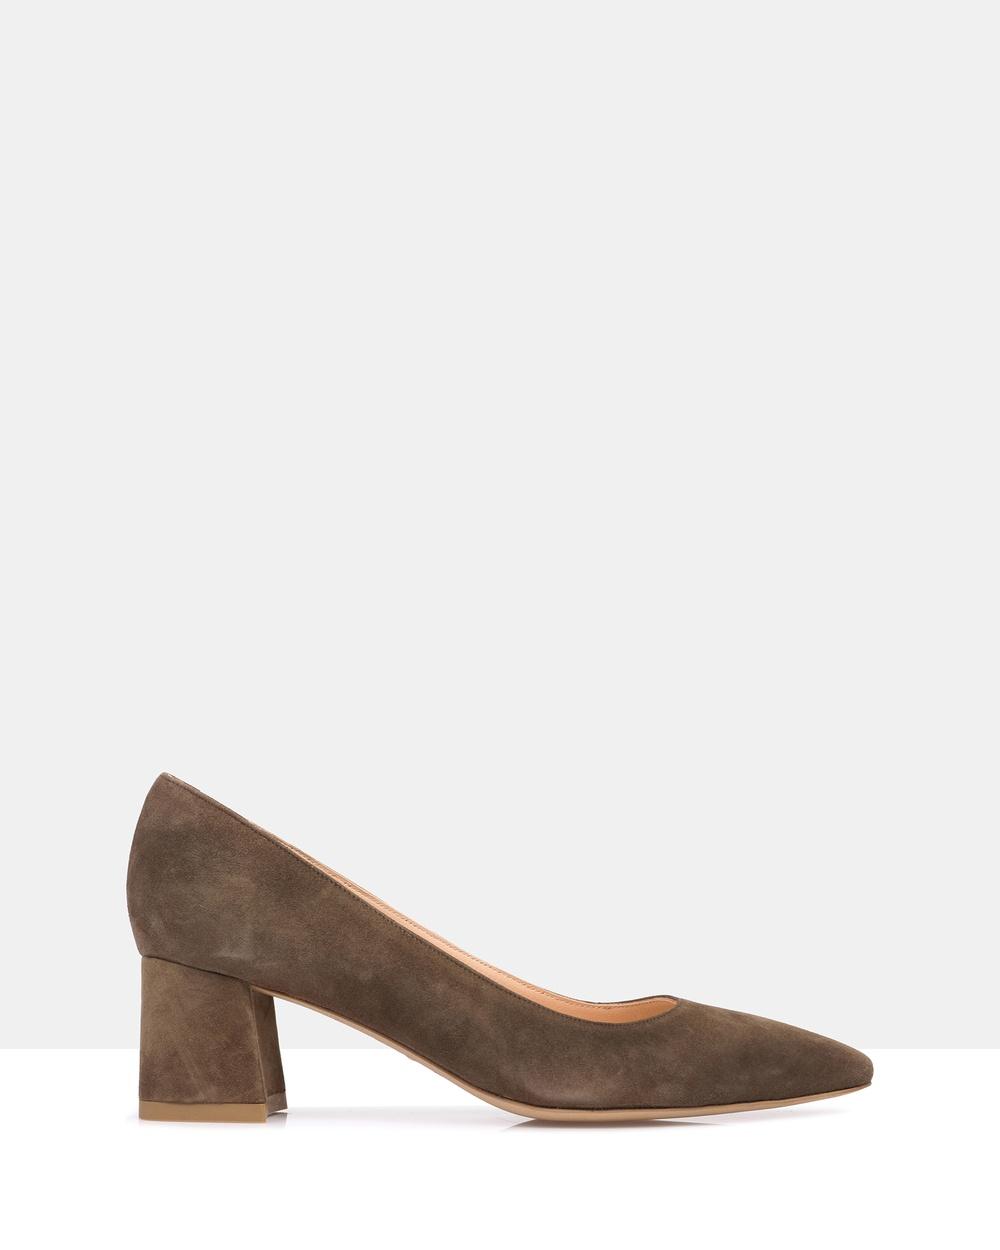 Sempre Di Toga Heels Mid-low heels 208 Khaki Toga Heels